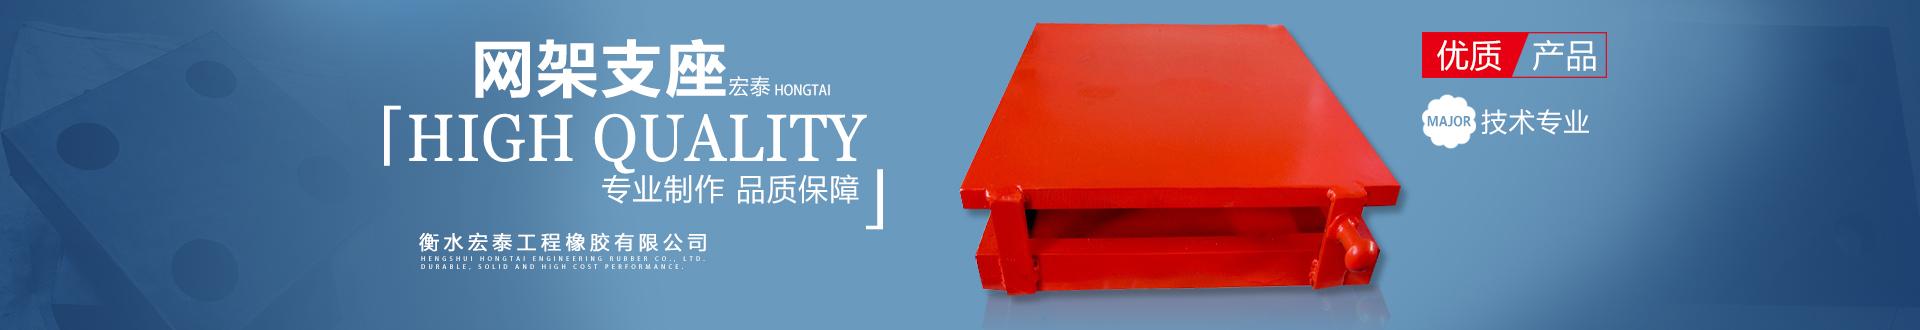 衡水宏泰工程橡胶有限公司